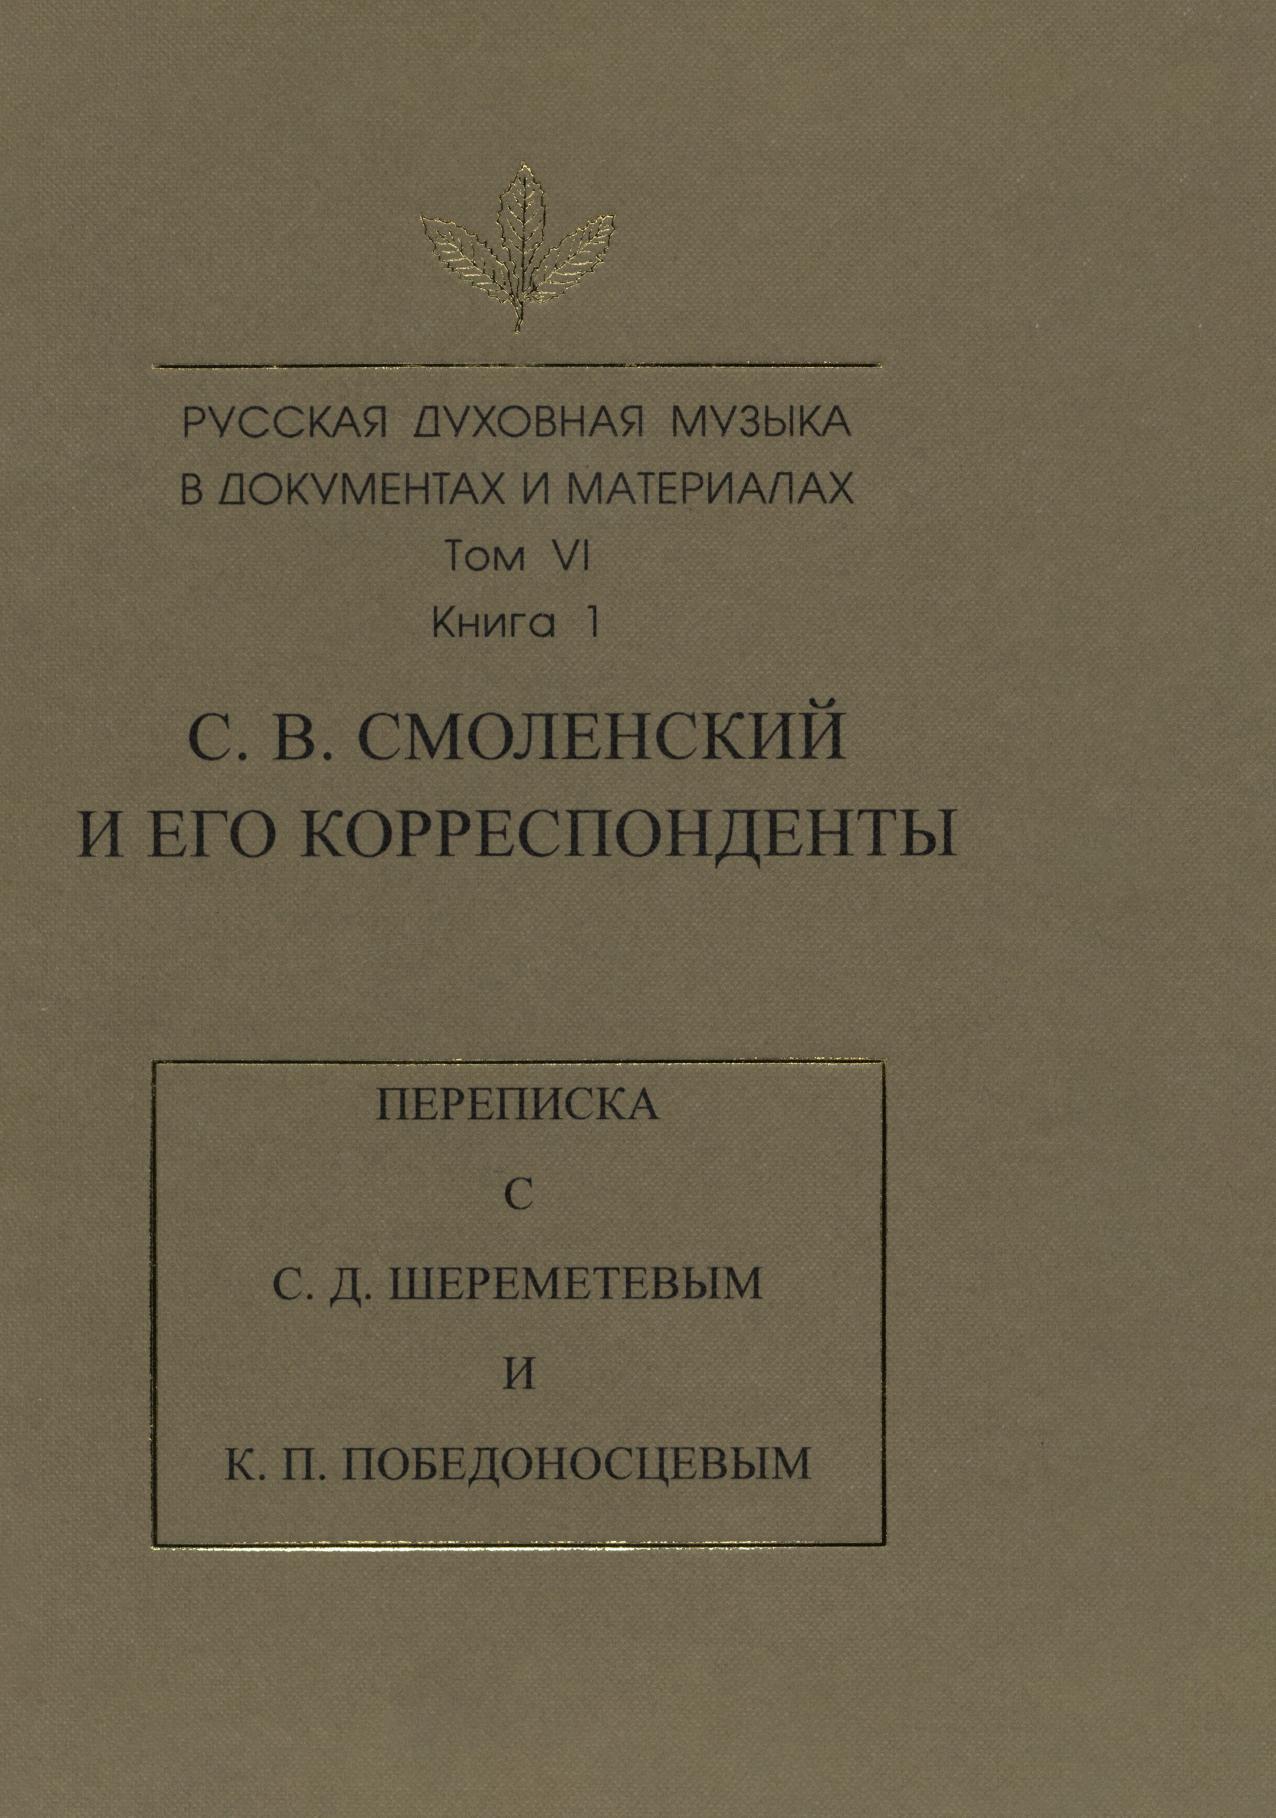 Russkaya-duhovnaya-muzyka-v-dokumentah-i-materialah-Tom-VI-S-V-Smolenskij-i-ego-korrespondenty-Perepiska-s-S-D-SHeremetevym-i-K-P-Pobedonoscevym-Kniga